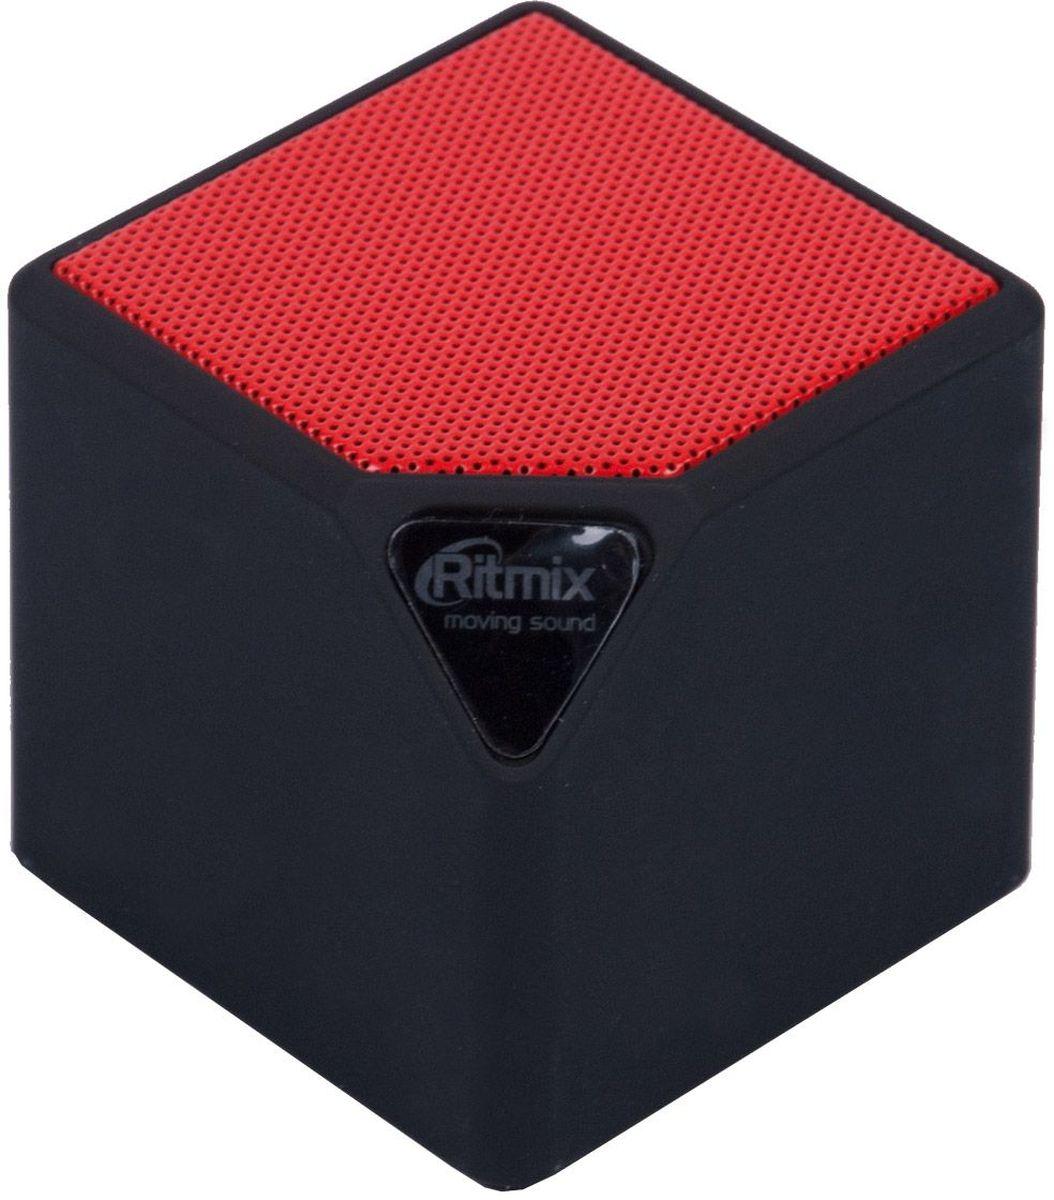 Беспроводная колонка Ritmix SP-140B, Black Red